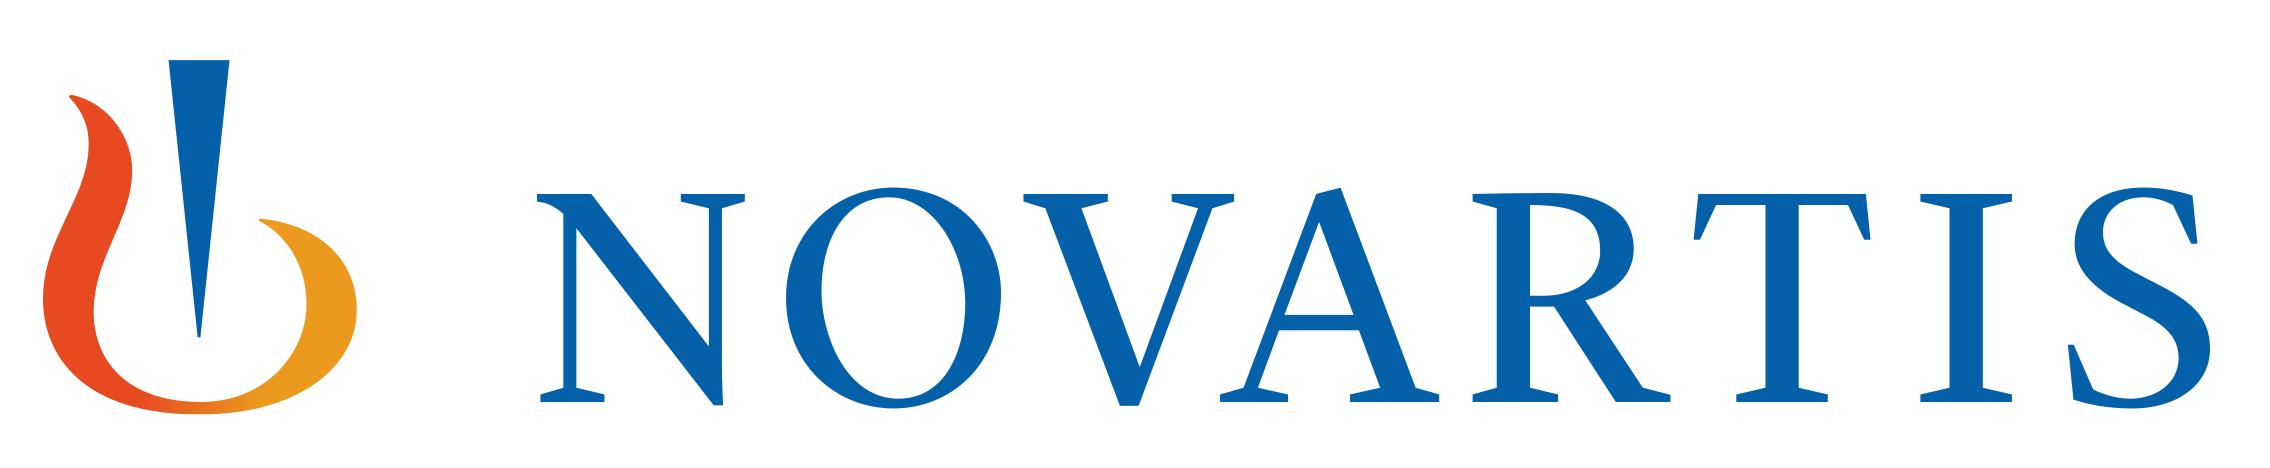 Novartis.jpg